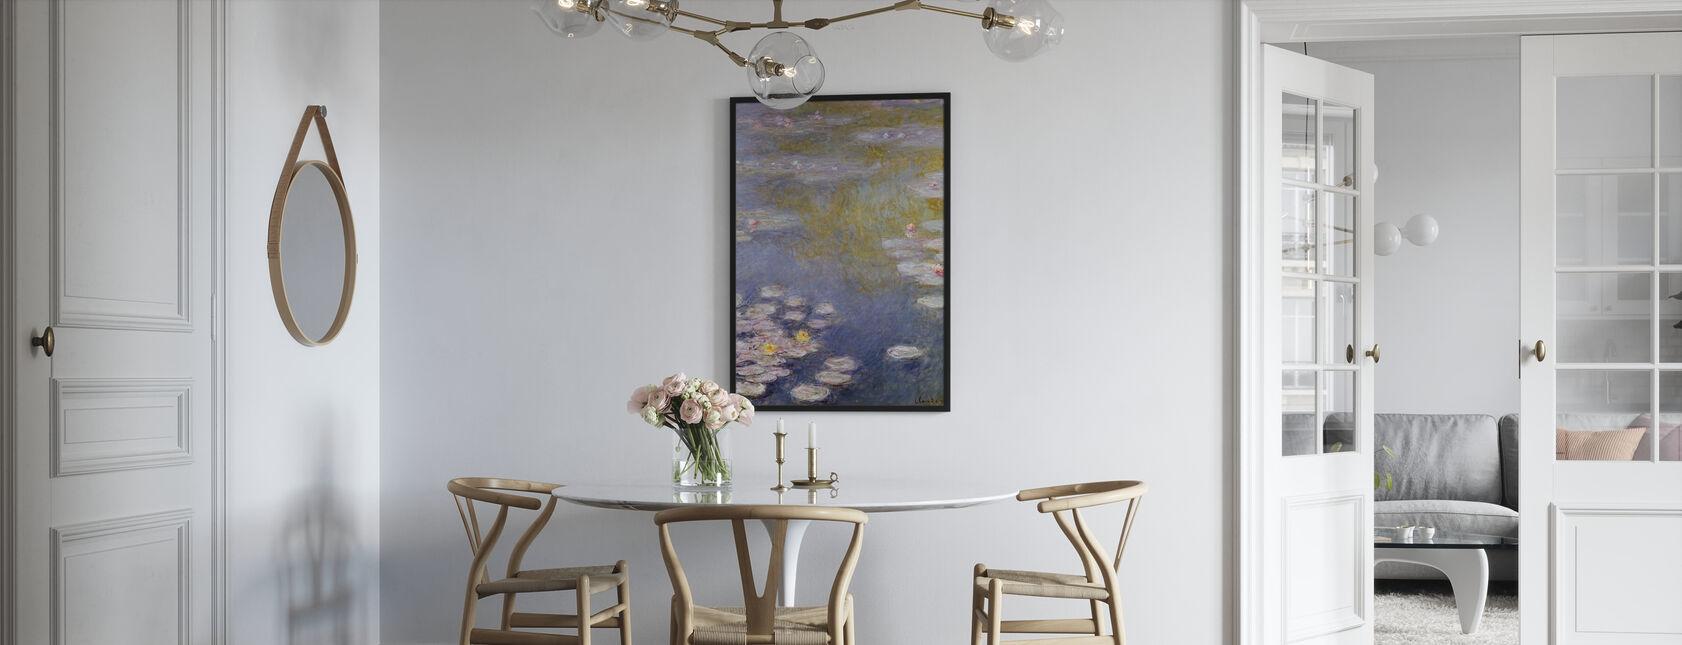 Monet, Claude - Nympheas a Giverny - Stampa incorniciata - Cucina